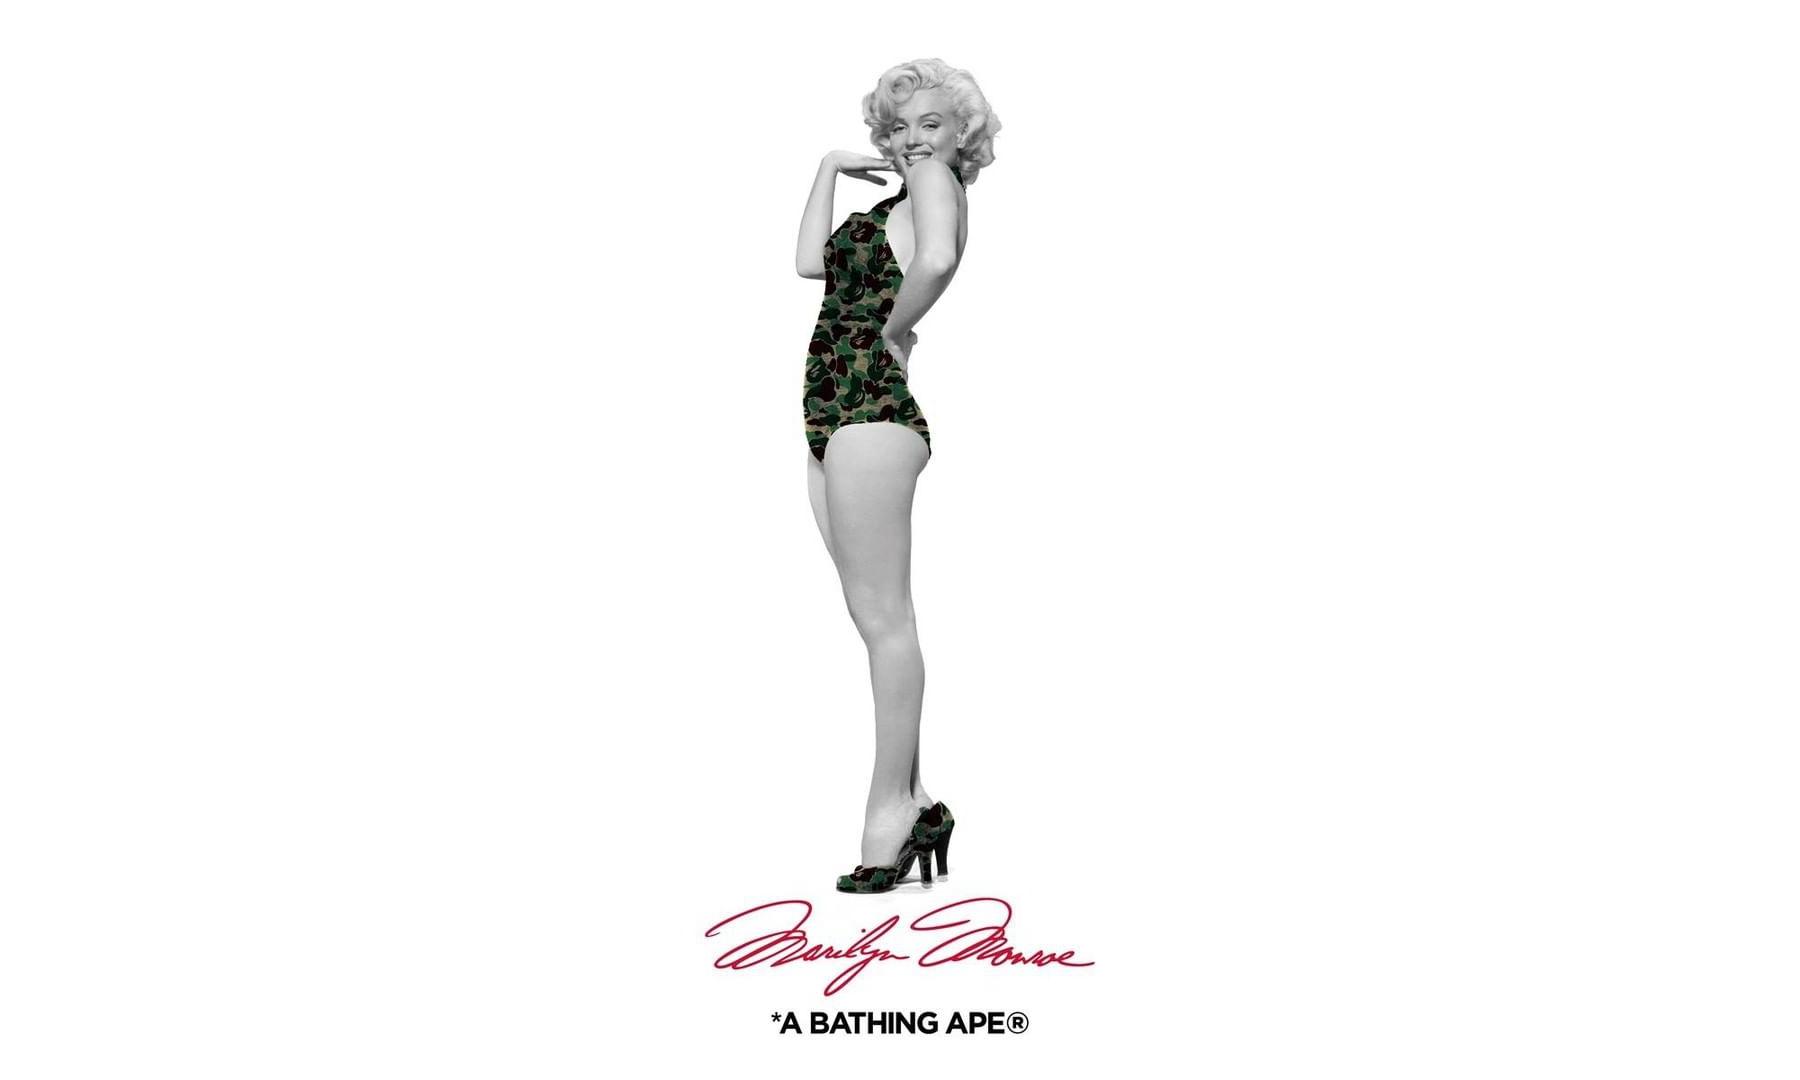 A BATHING APE® x Marilyn Monroe 全新联乘企划公开